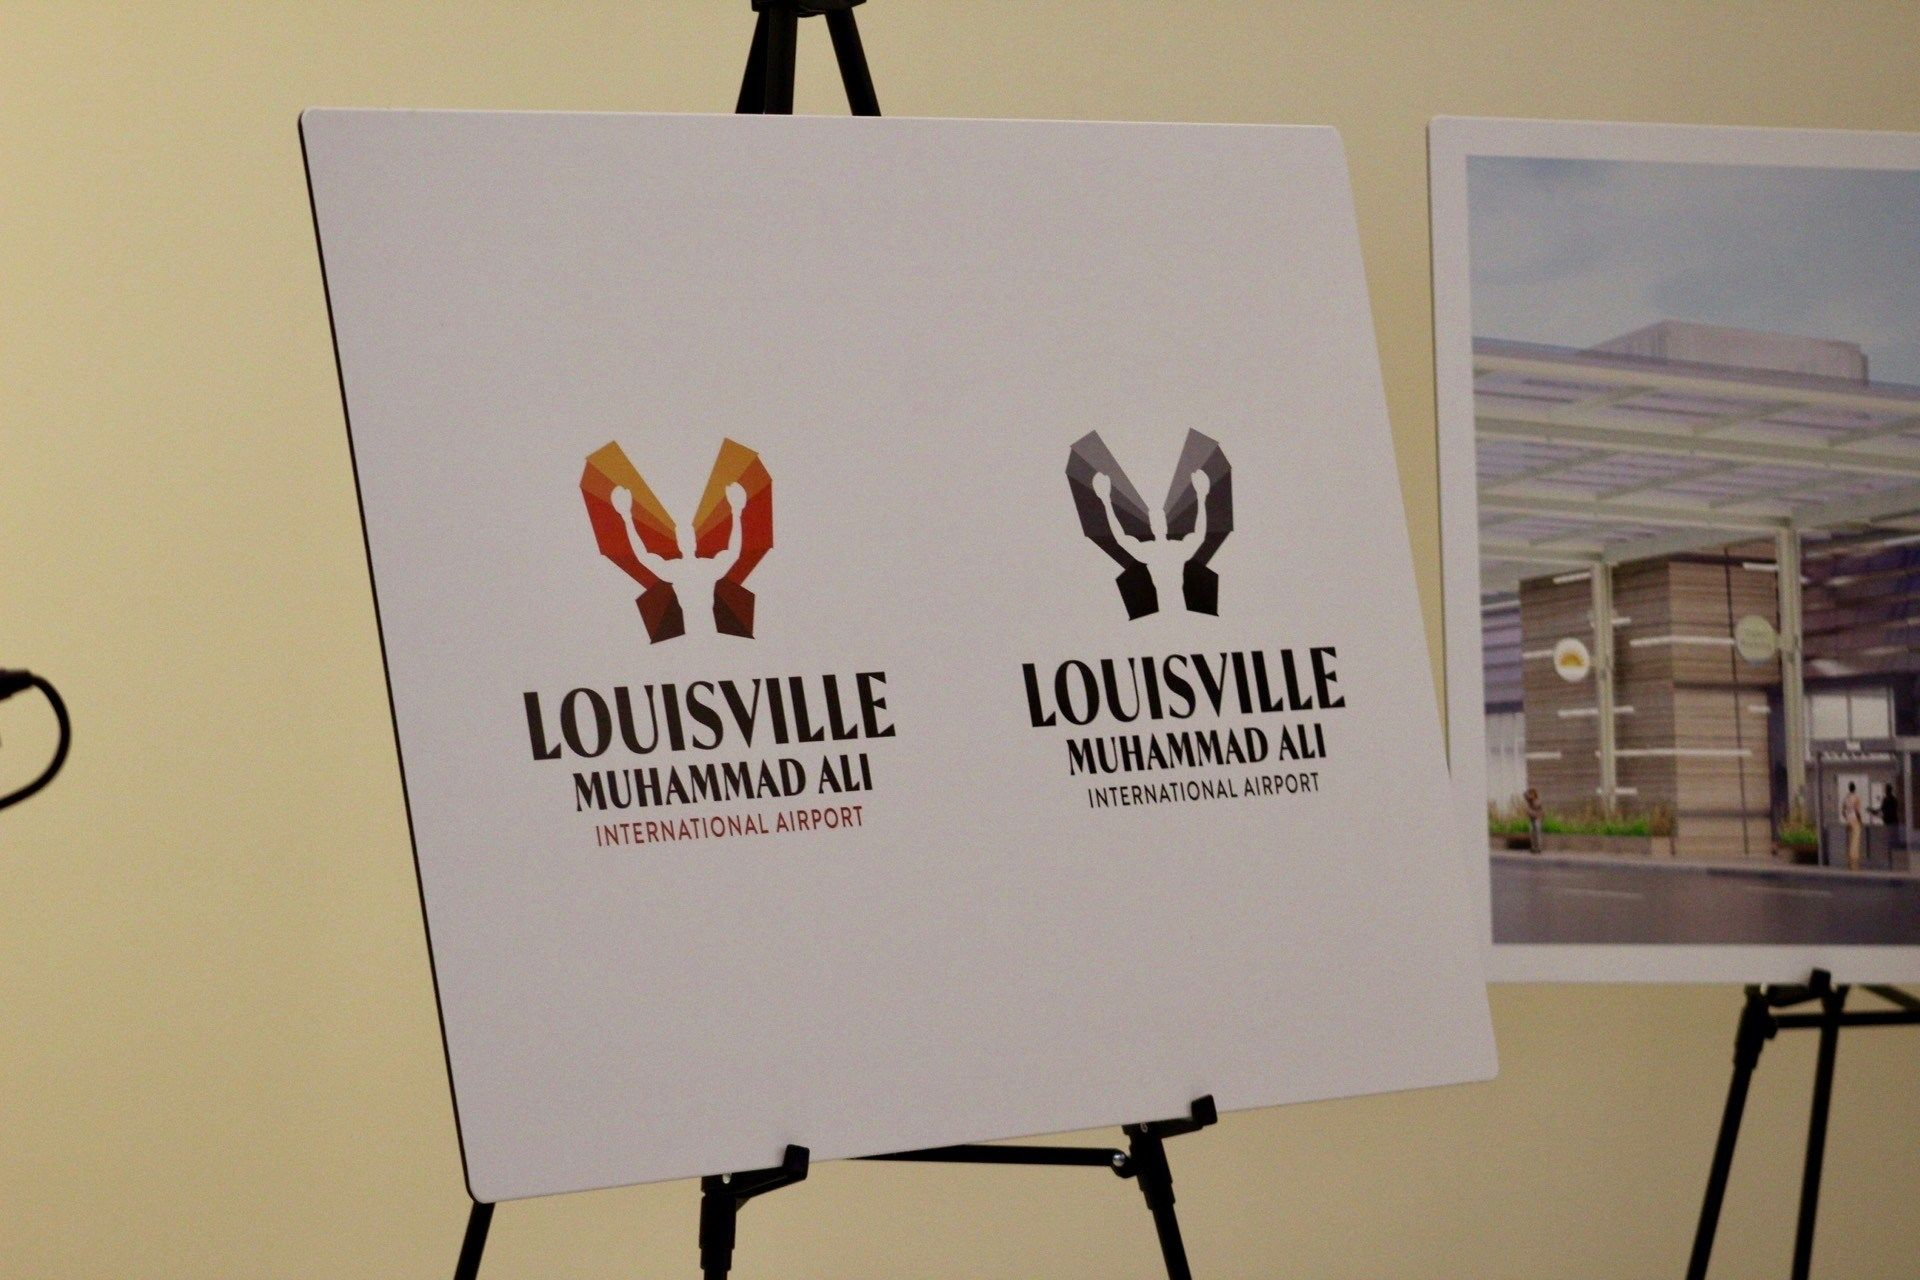 路易斯维尔穆罕默德·阿里国际机场新logo